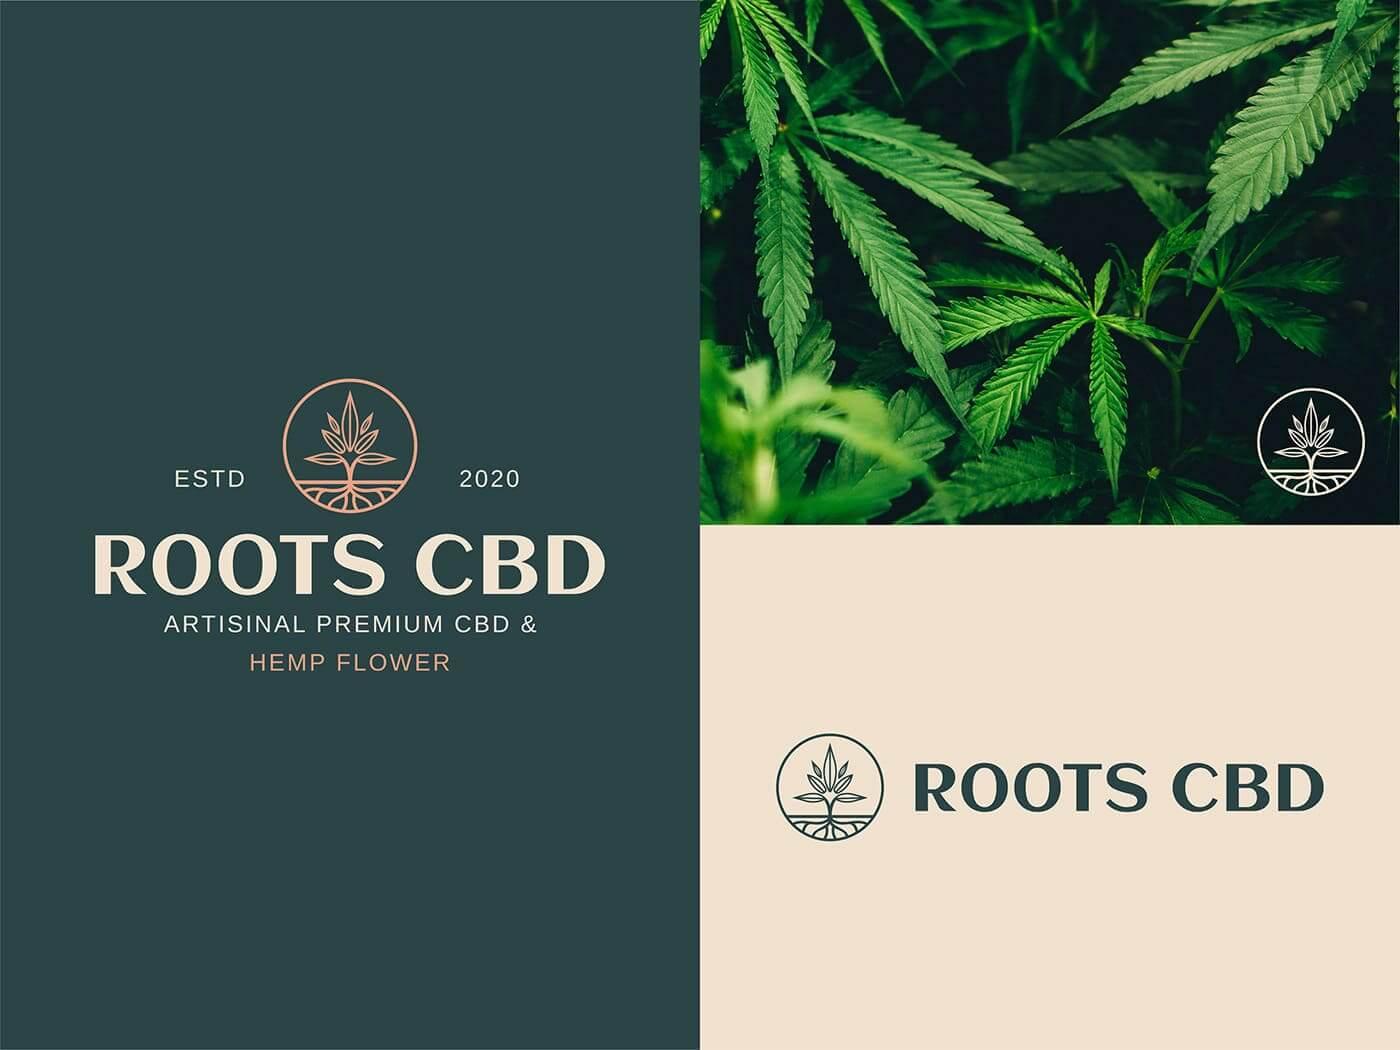 Roots CBD by Emir Kudic